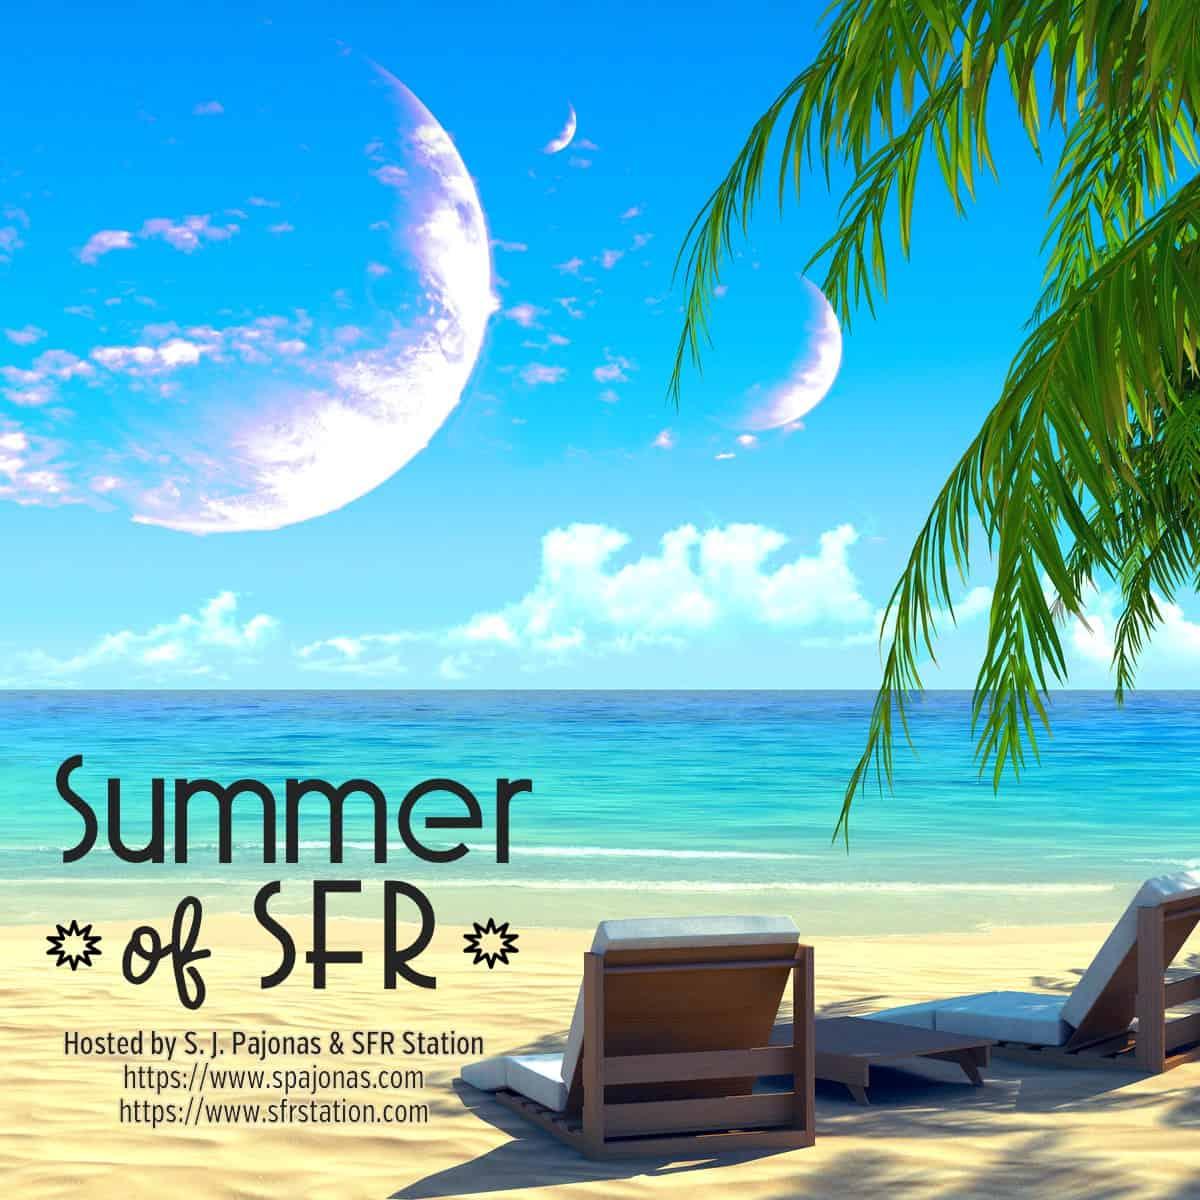 Summer of SFR